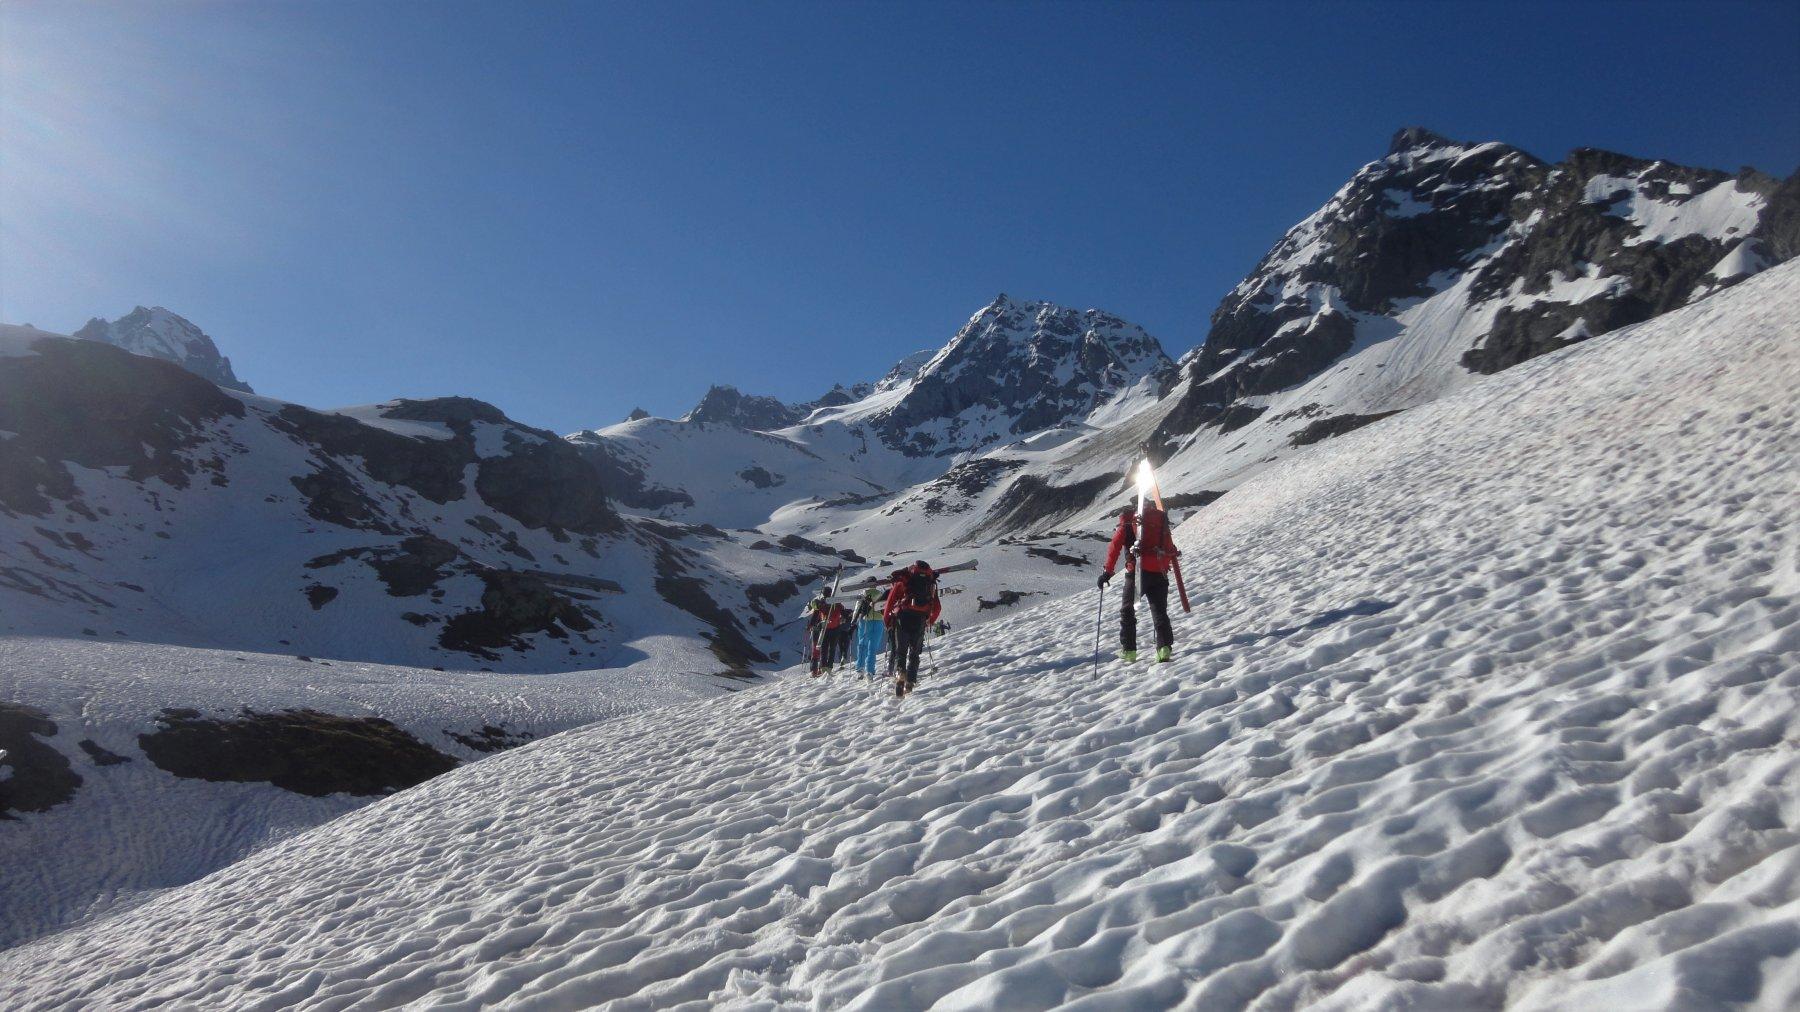 partenza con gli sci sulla neve bucherellata